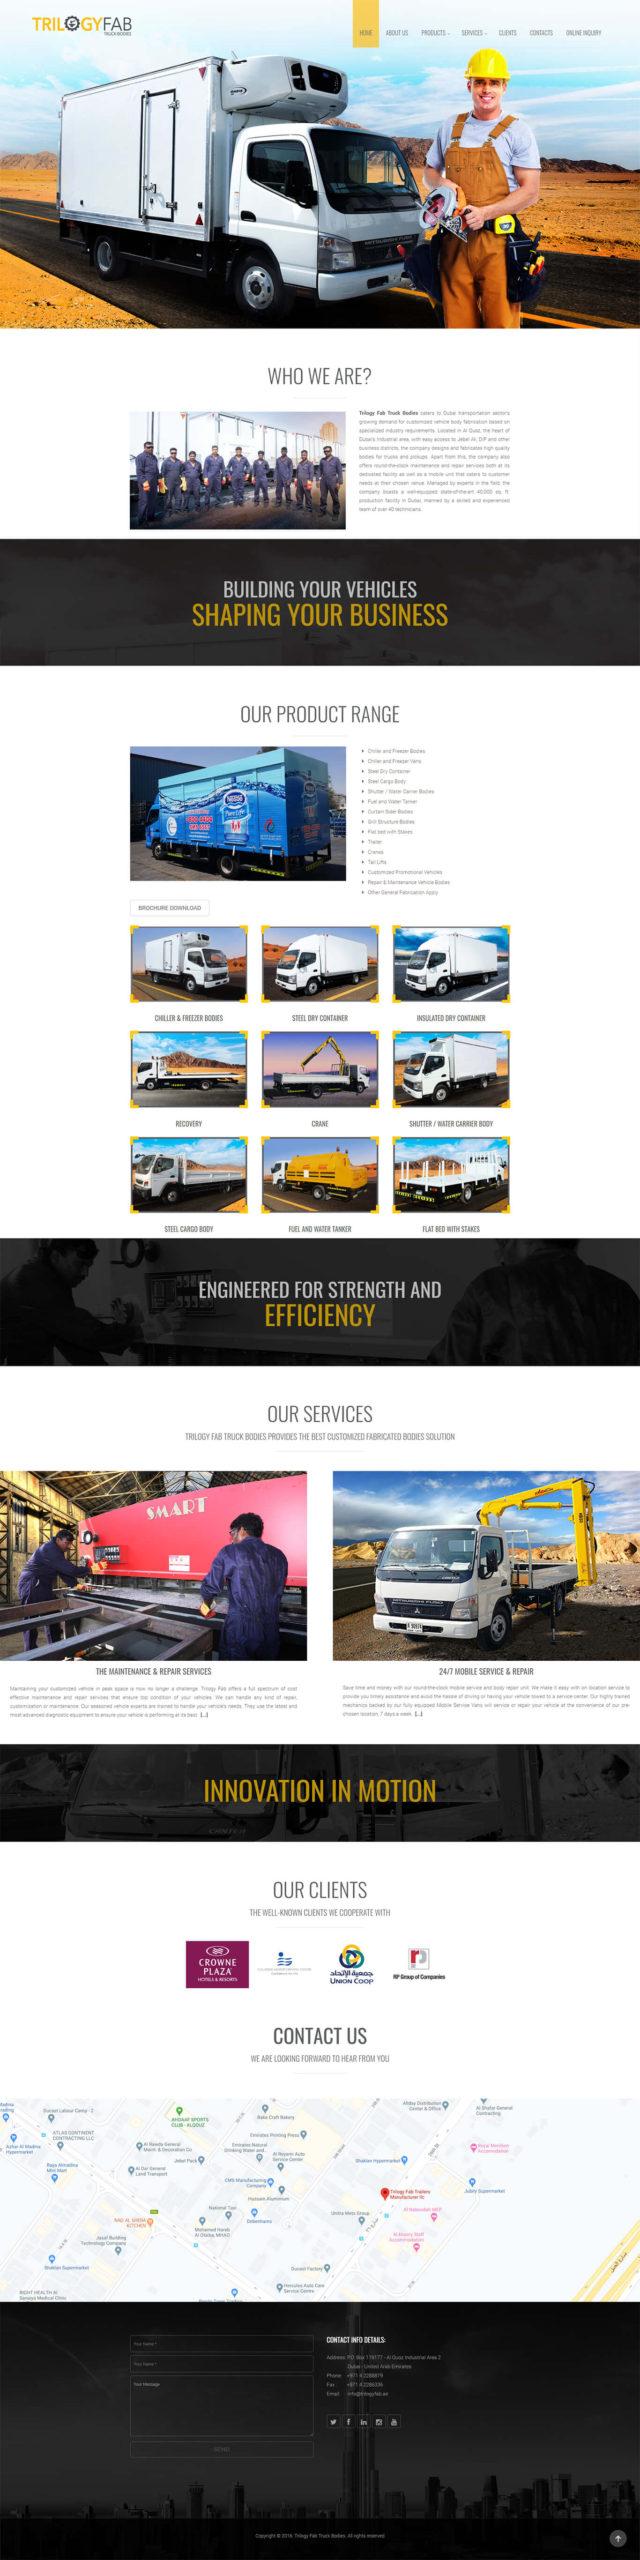 TrilogyFab Truck Bodies